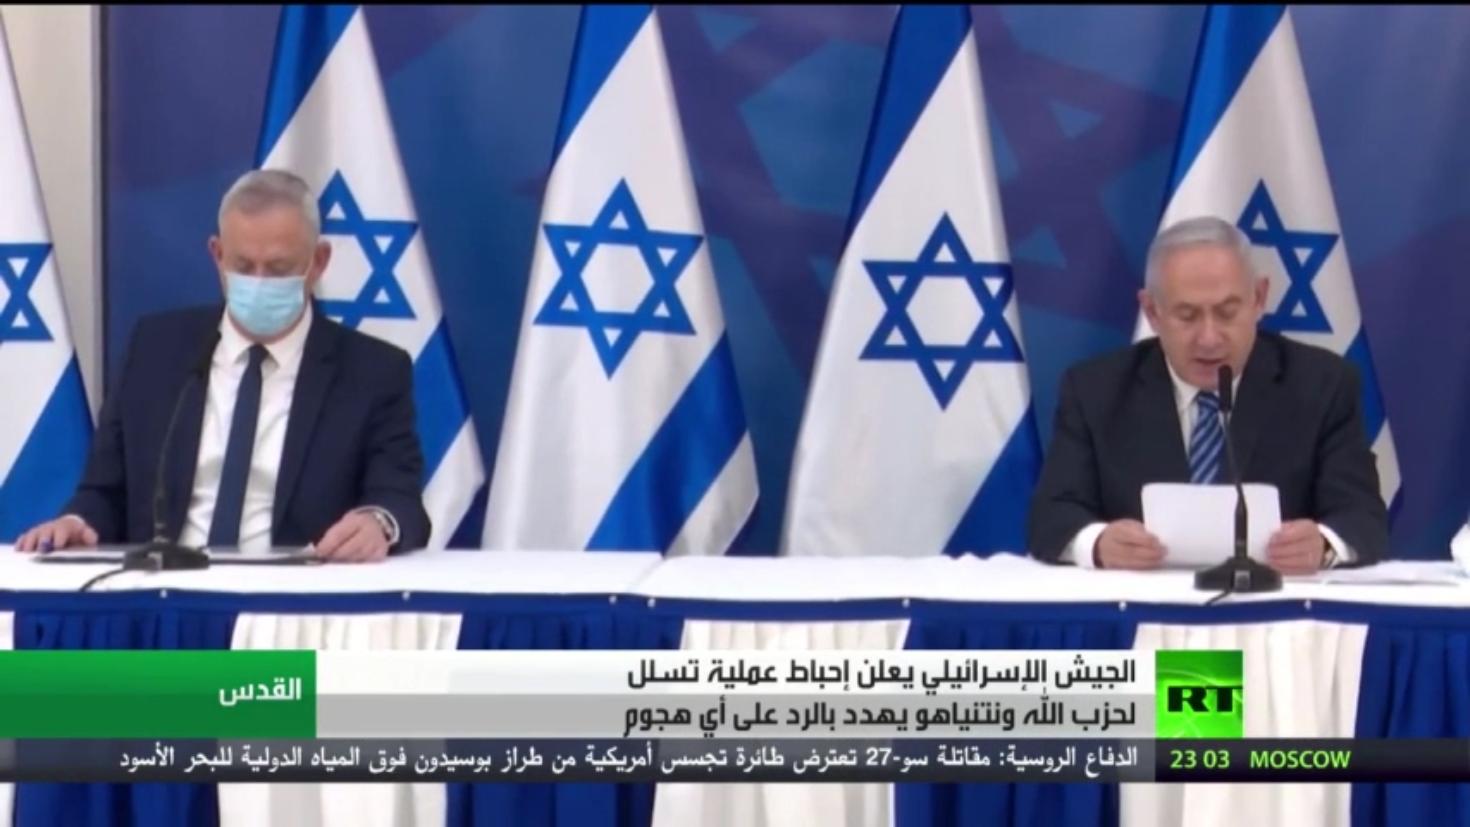 نتنياهو يهدد بالرد على أي هجوم لحزب الله